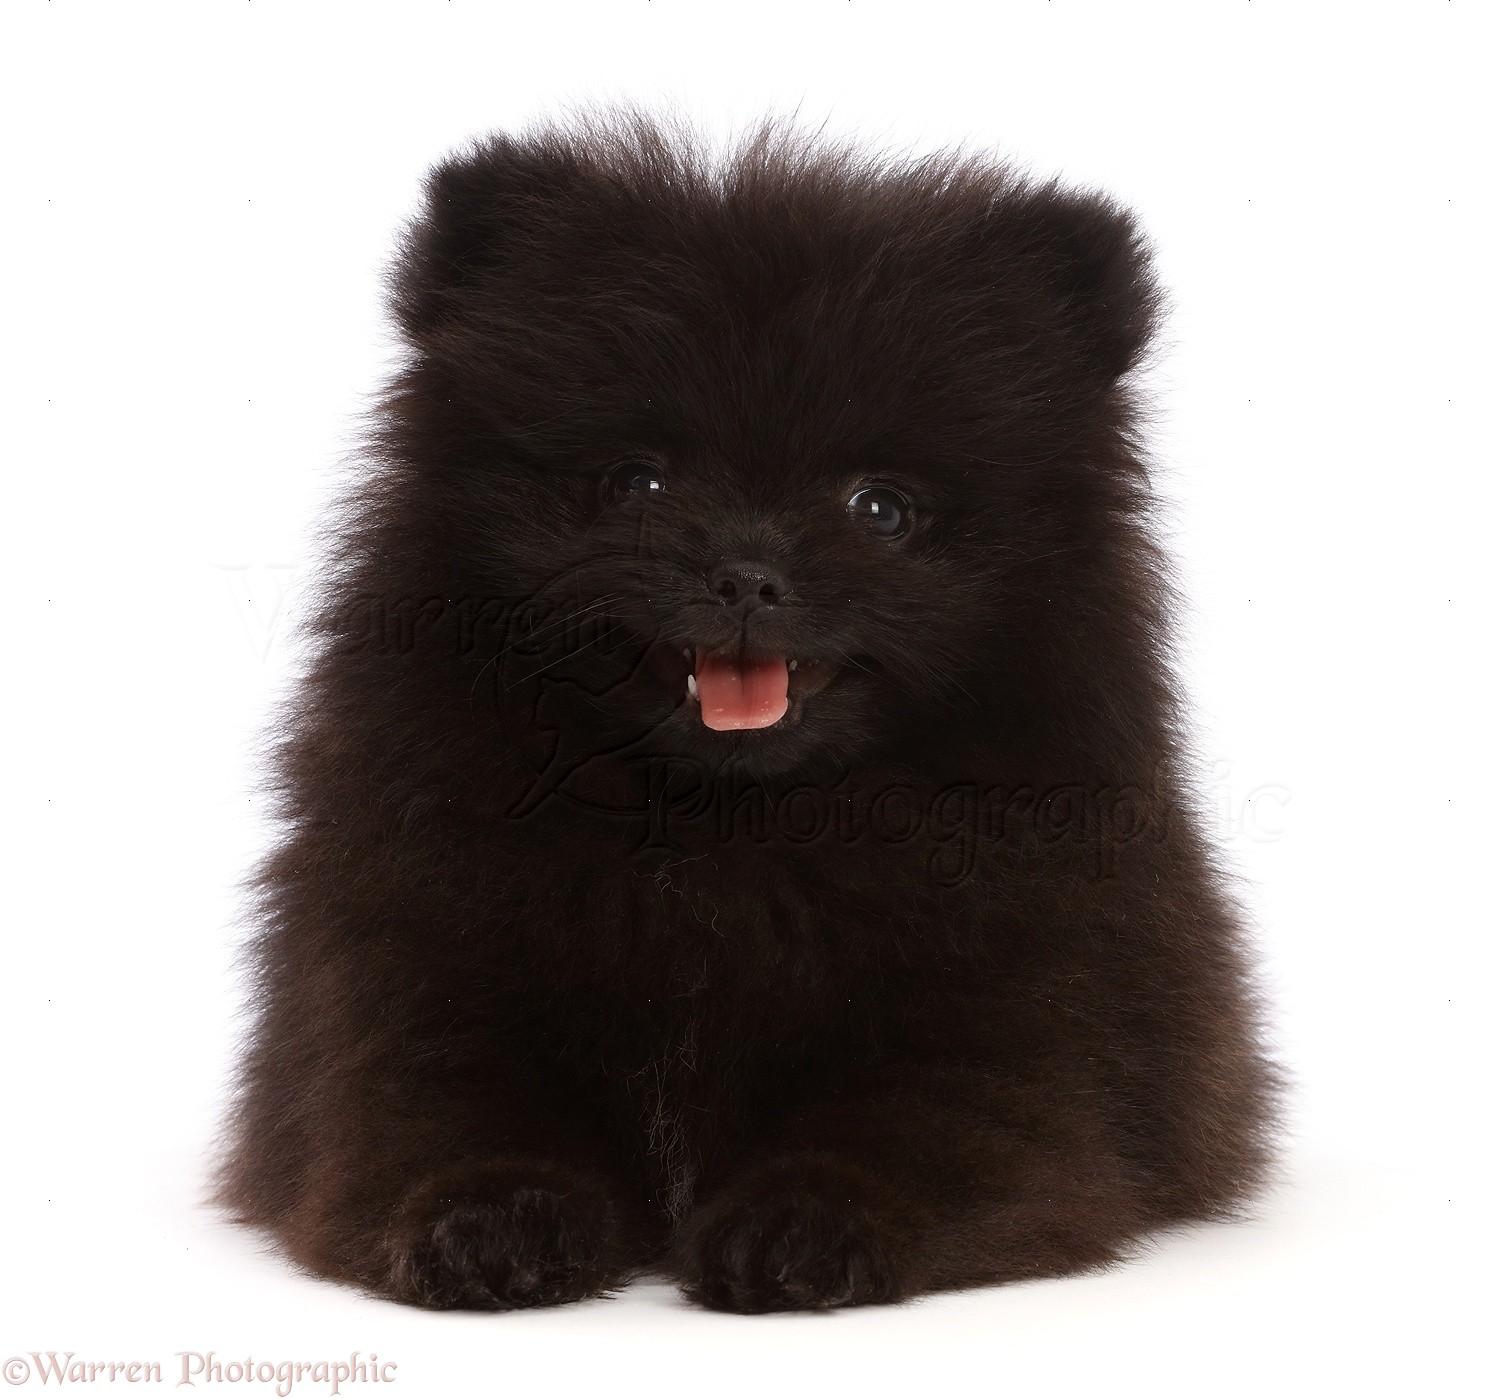 Dog Black Pomeranian Puppy 10 Weeks Old Photo Wp48475